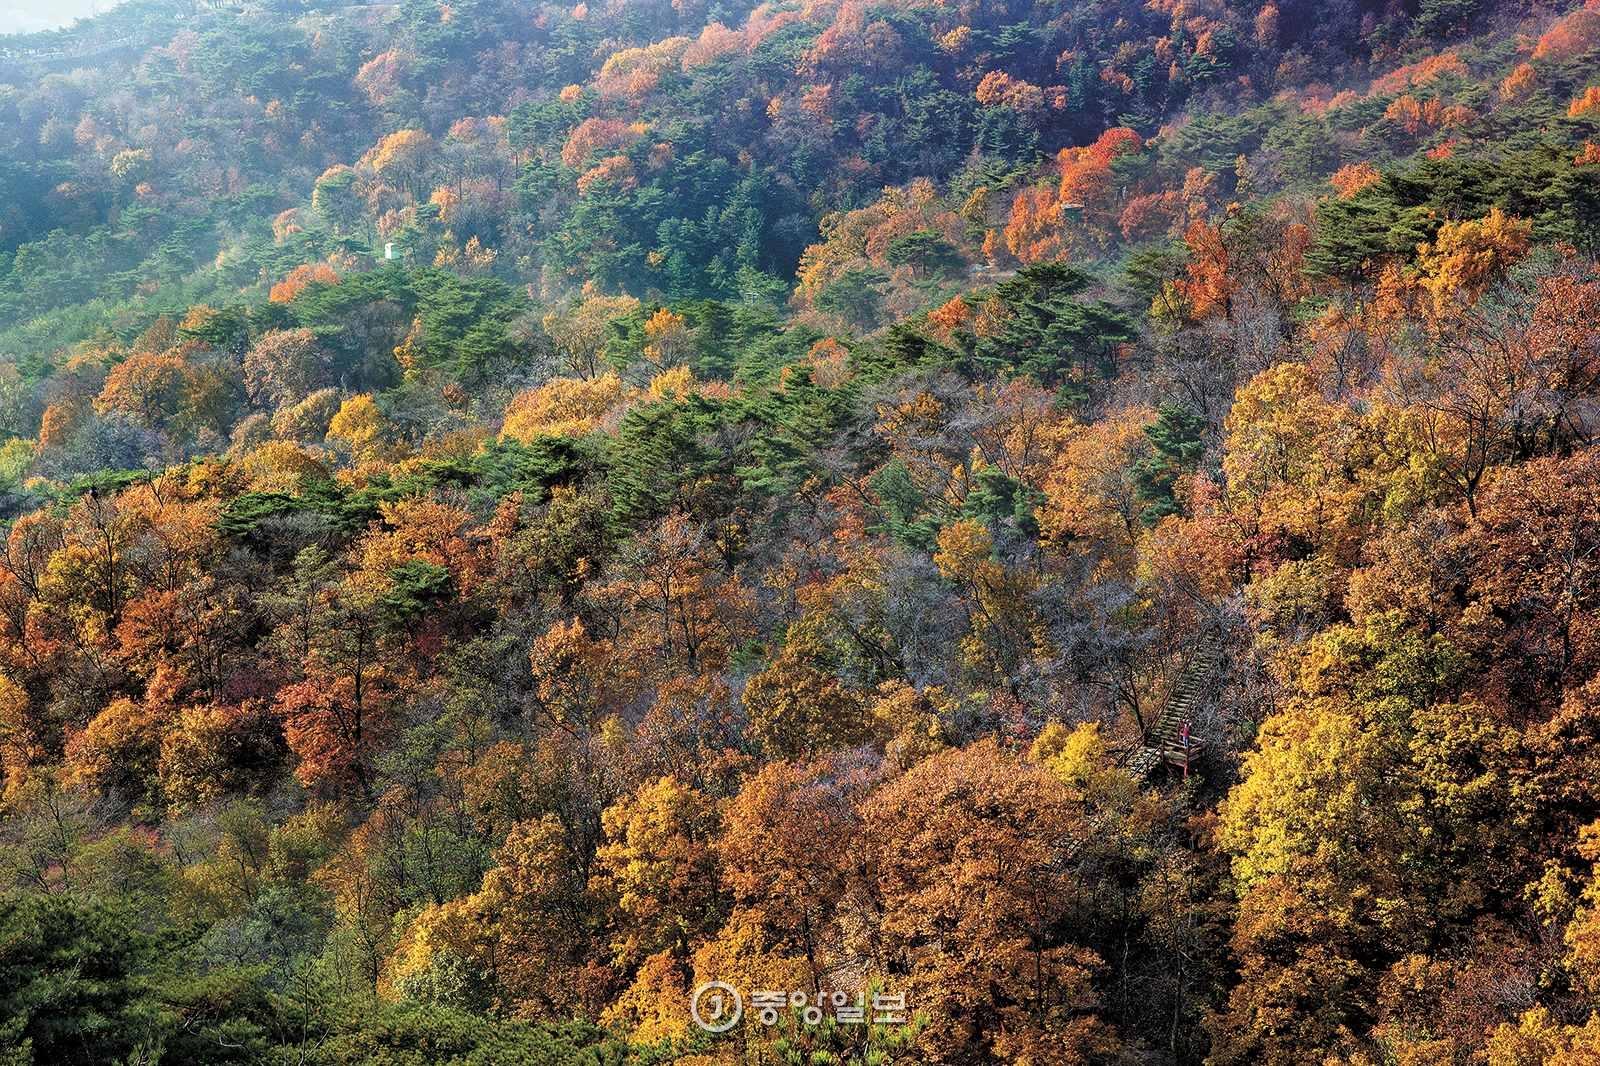 북악하늘길 2산책로는 1968년 북한 특수부대가 서울에 침투한 1·21사태 이후 41년 동안 일반인 출입이 금지됐던 성북천 계곡을 지난다. 북악산 동쪽 능선에서 내려다본 성북천 계곡의 단풍.